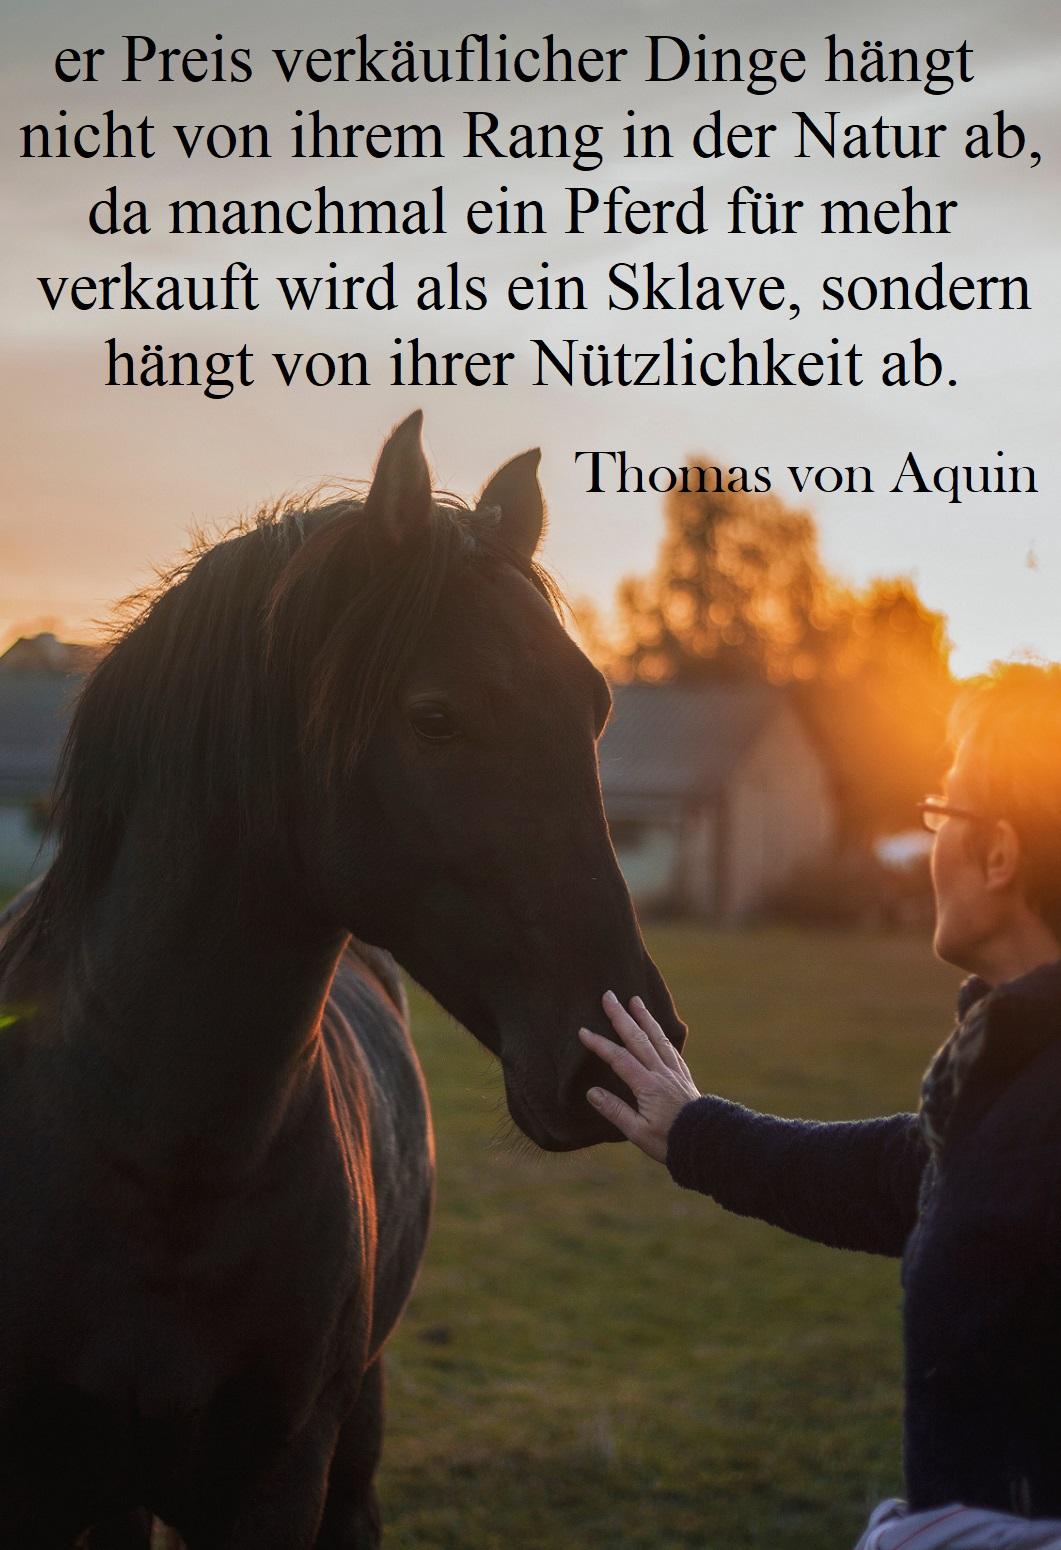 Pferde status sprüche Pferdesprüche für